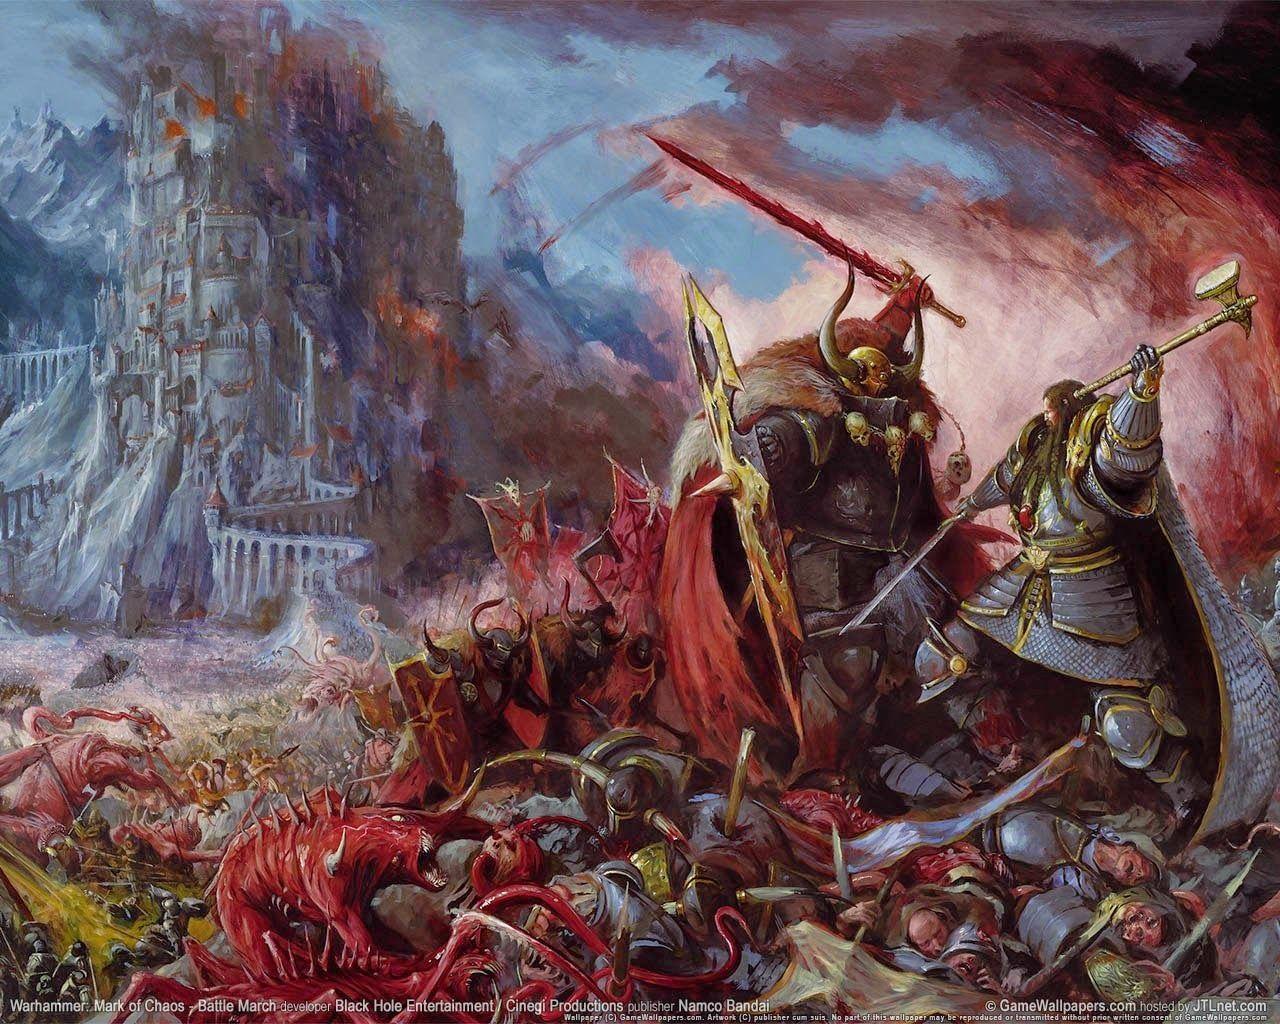 Valten vs Archaon, par Games Workshop, in Warhammer Battle, supplément Tempête du Chaos 6e édition